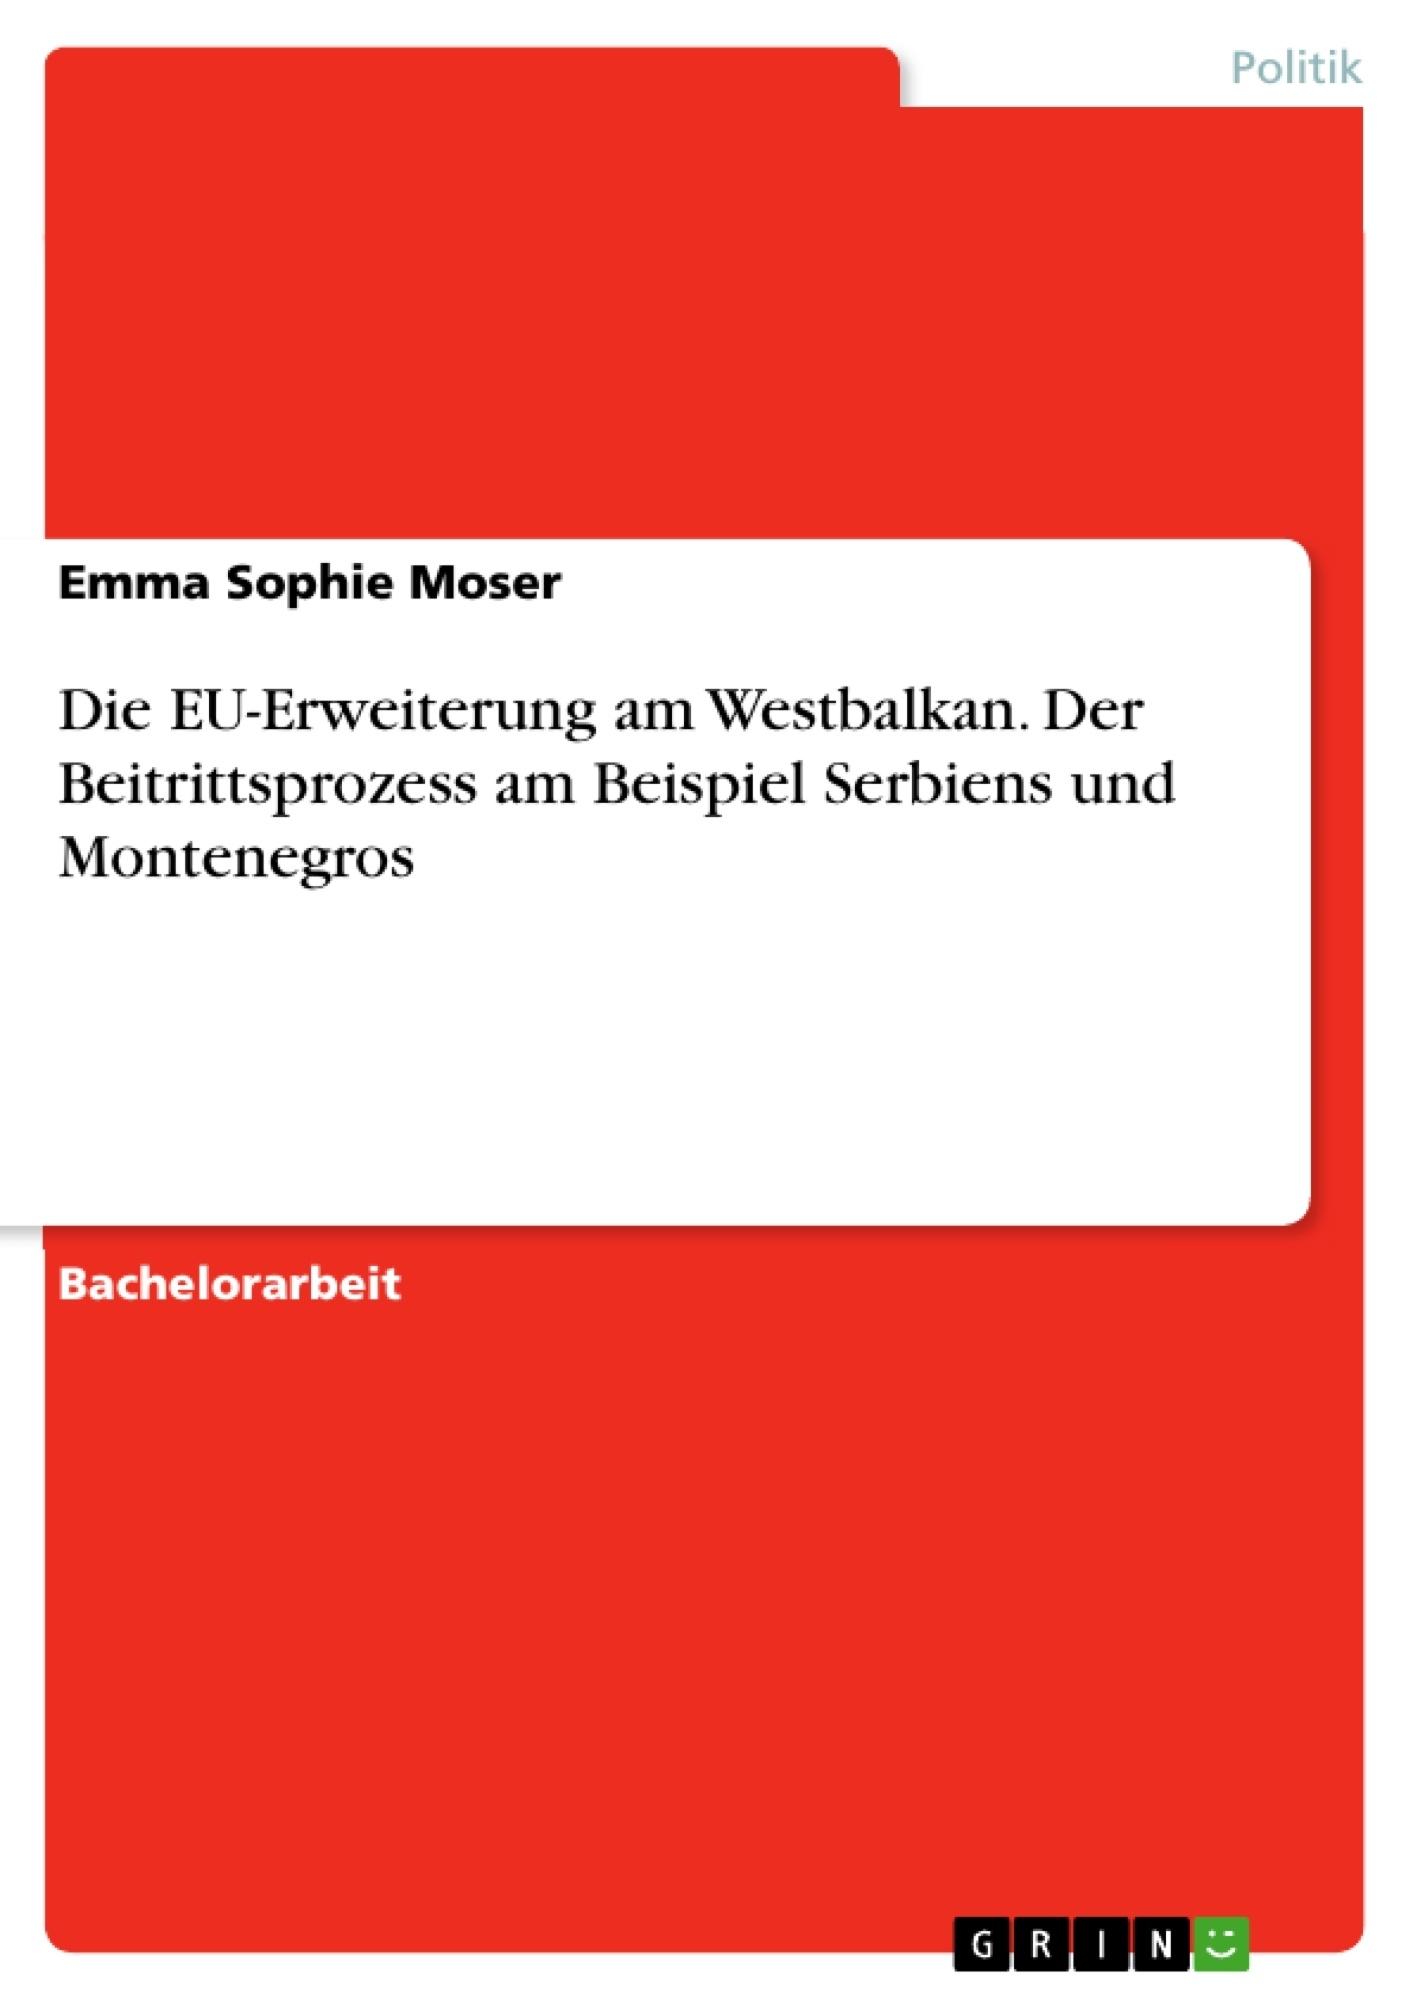 Titel: Die EU-Erweiterung am Westbalkan. Der Beitrittsprozess am Beispiel Serbiens und Montenegros